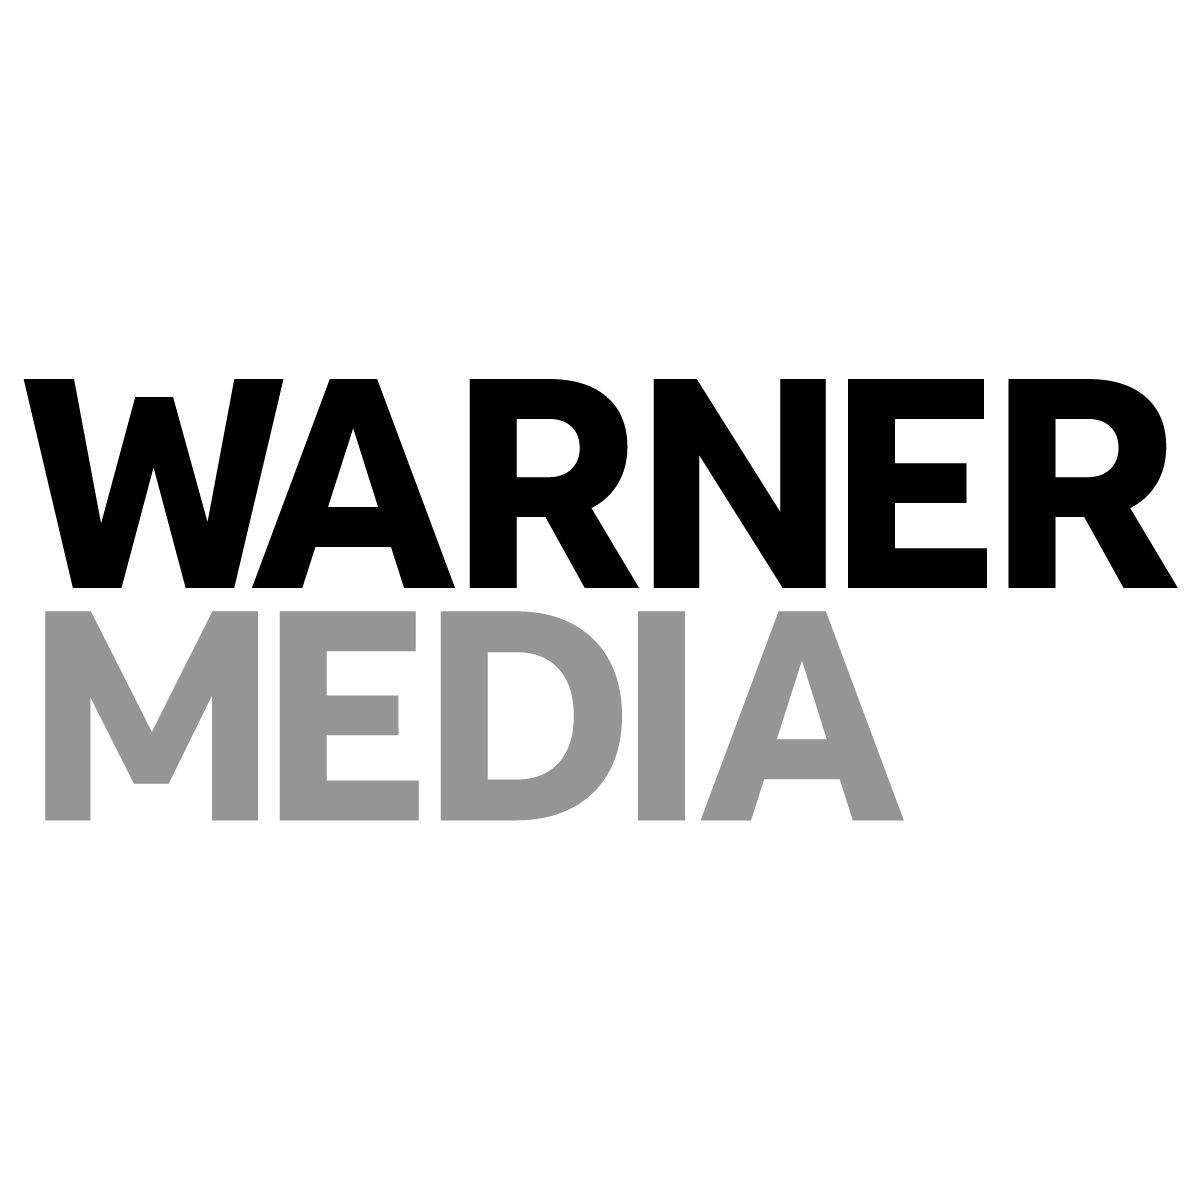 Warner Media LLC